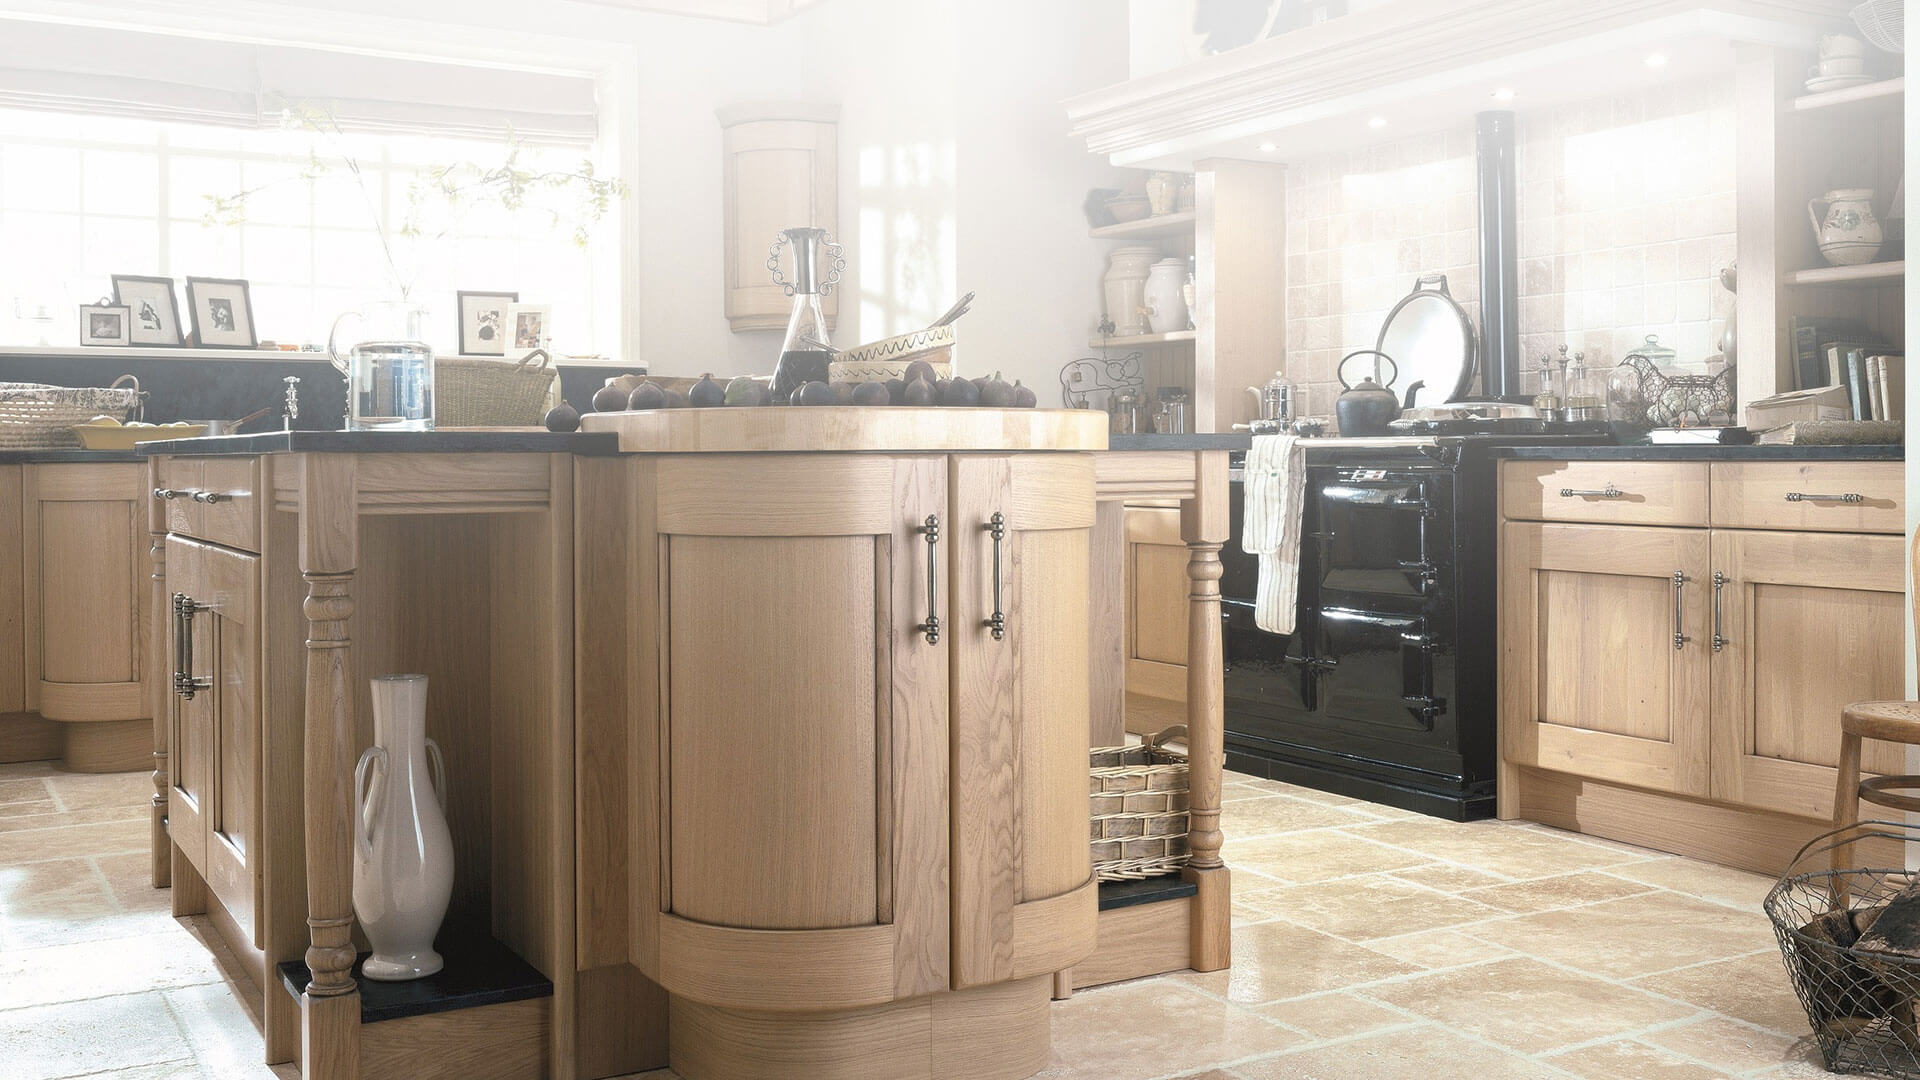 croft wash chesterfield kitchen